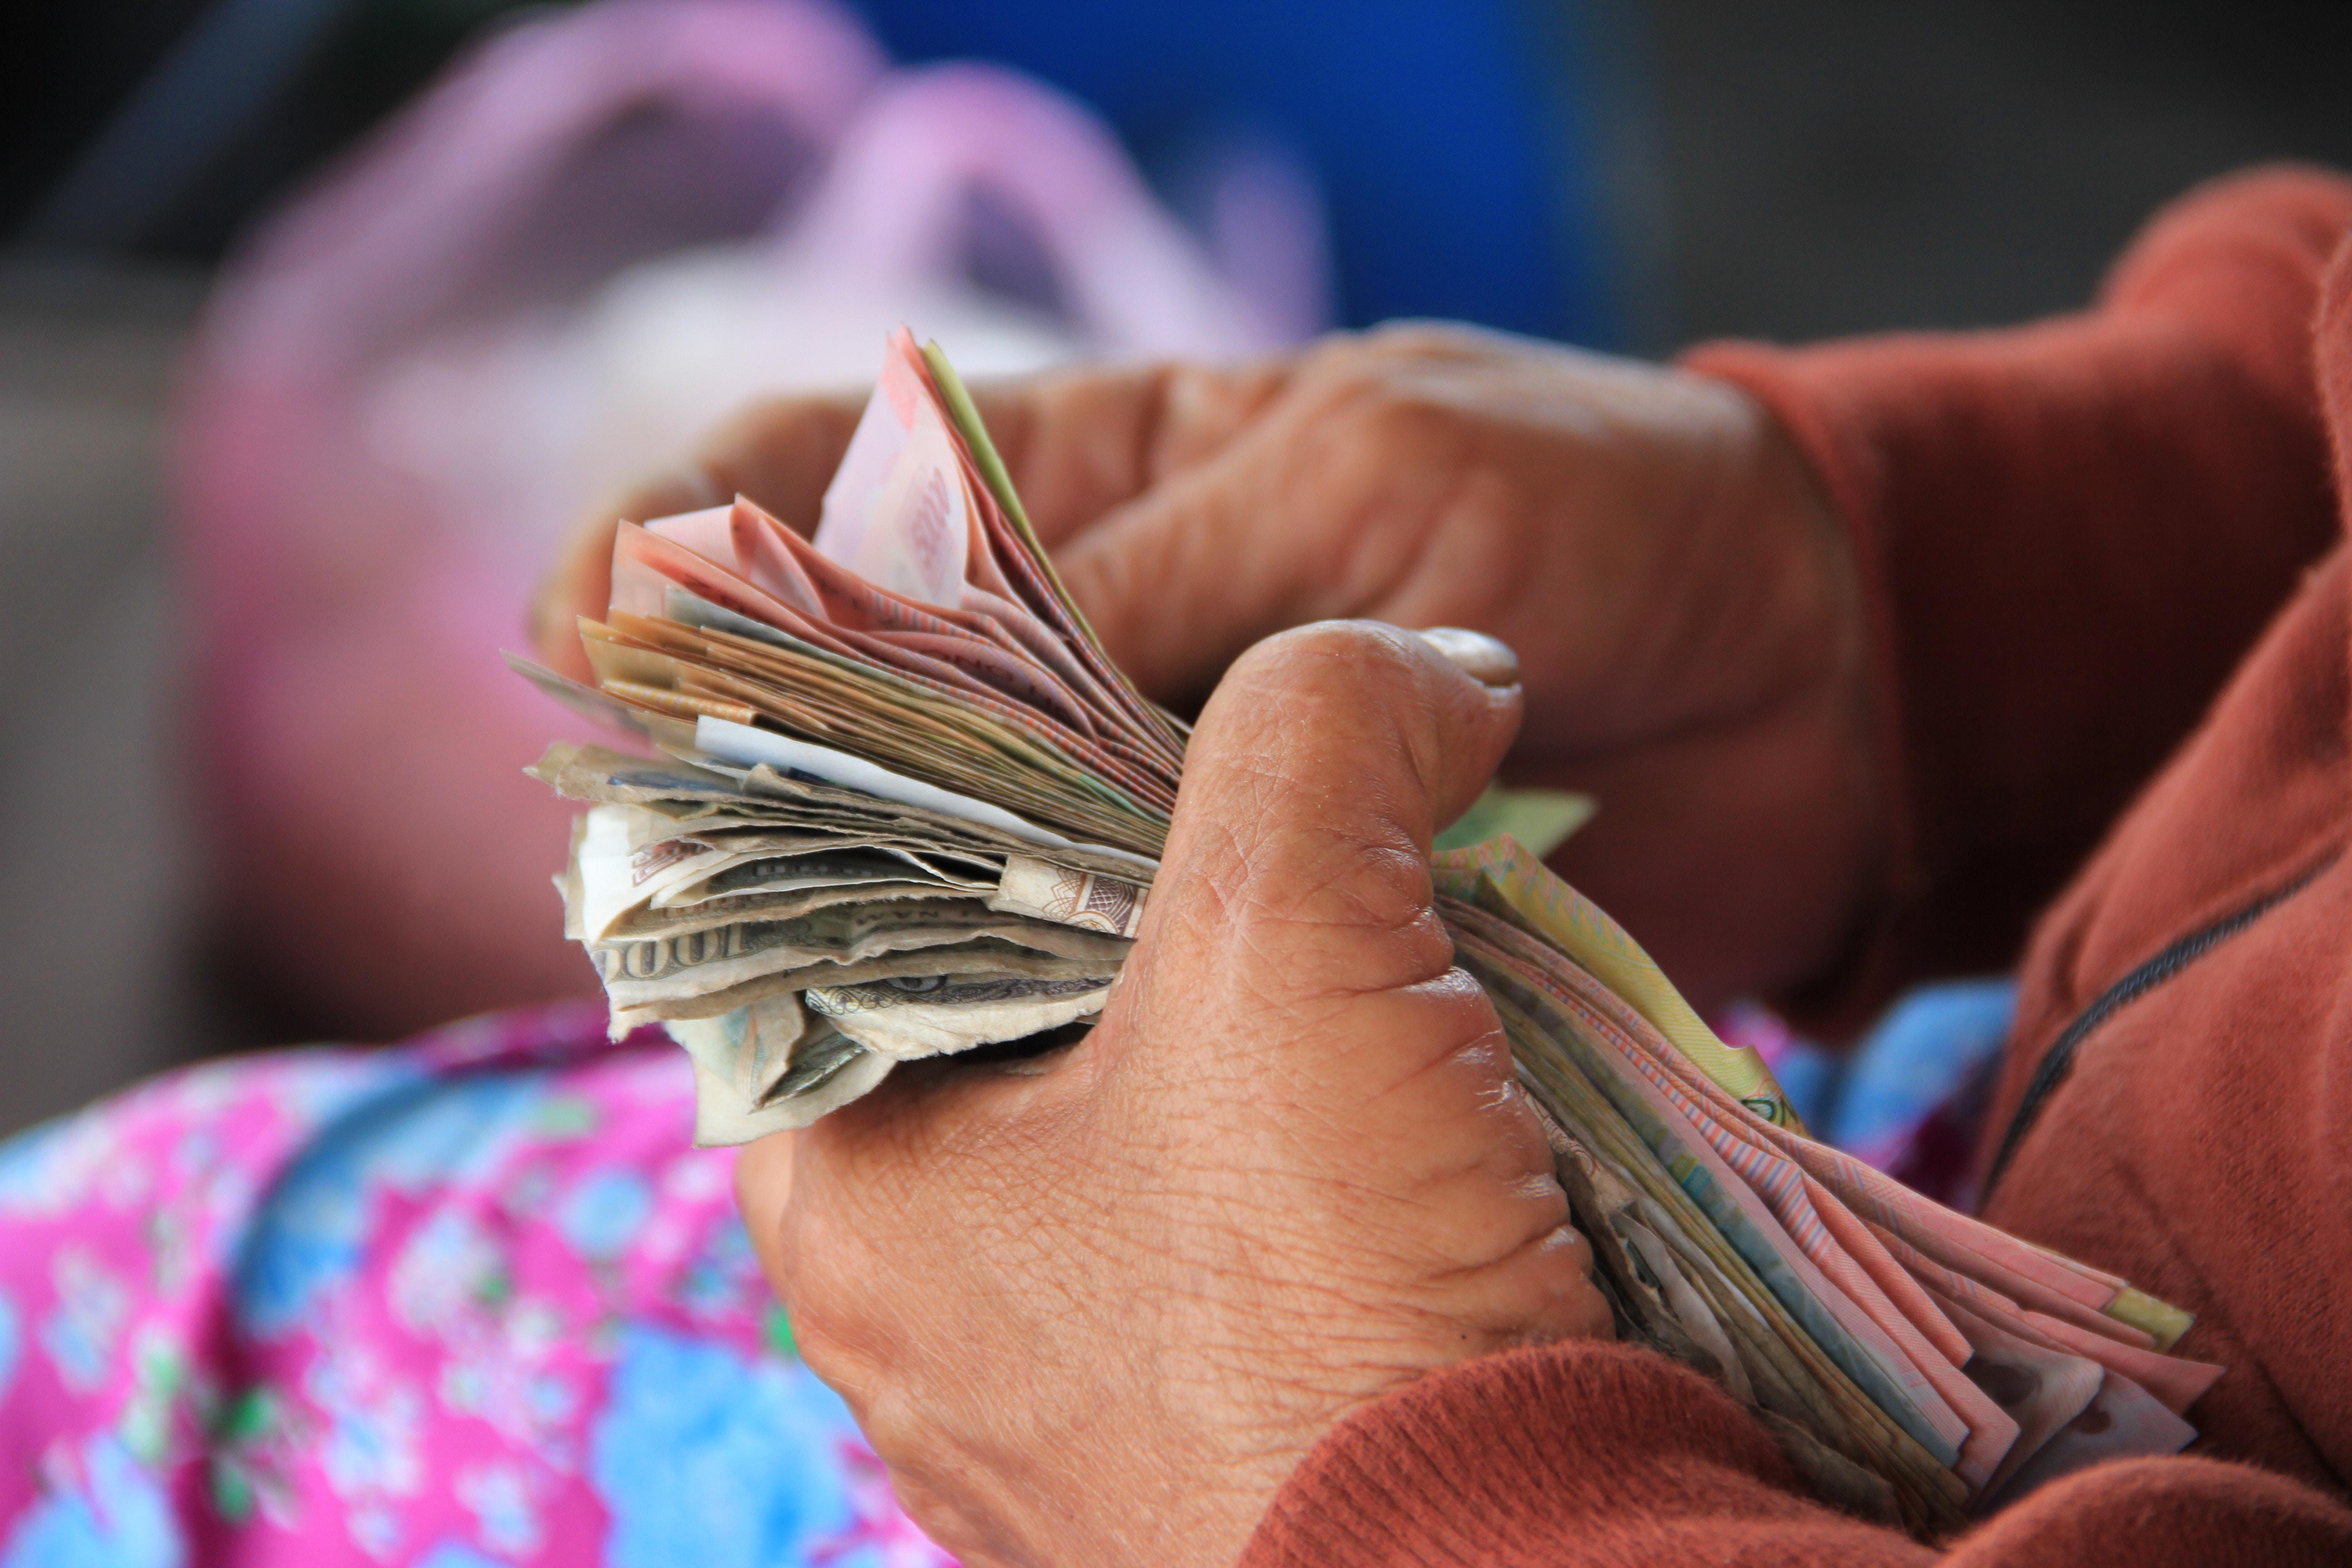 日本円を台湾ドルに両替するにはどこがおすすめ?手数料や手間などを調査!